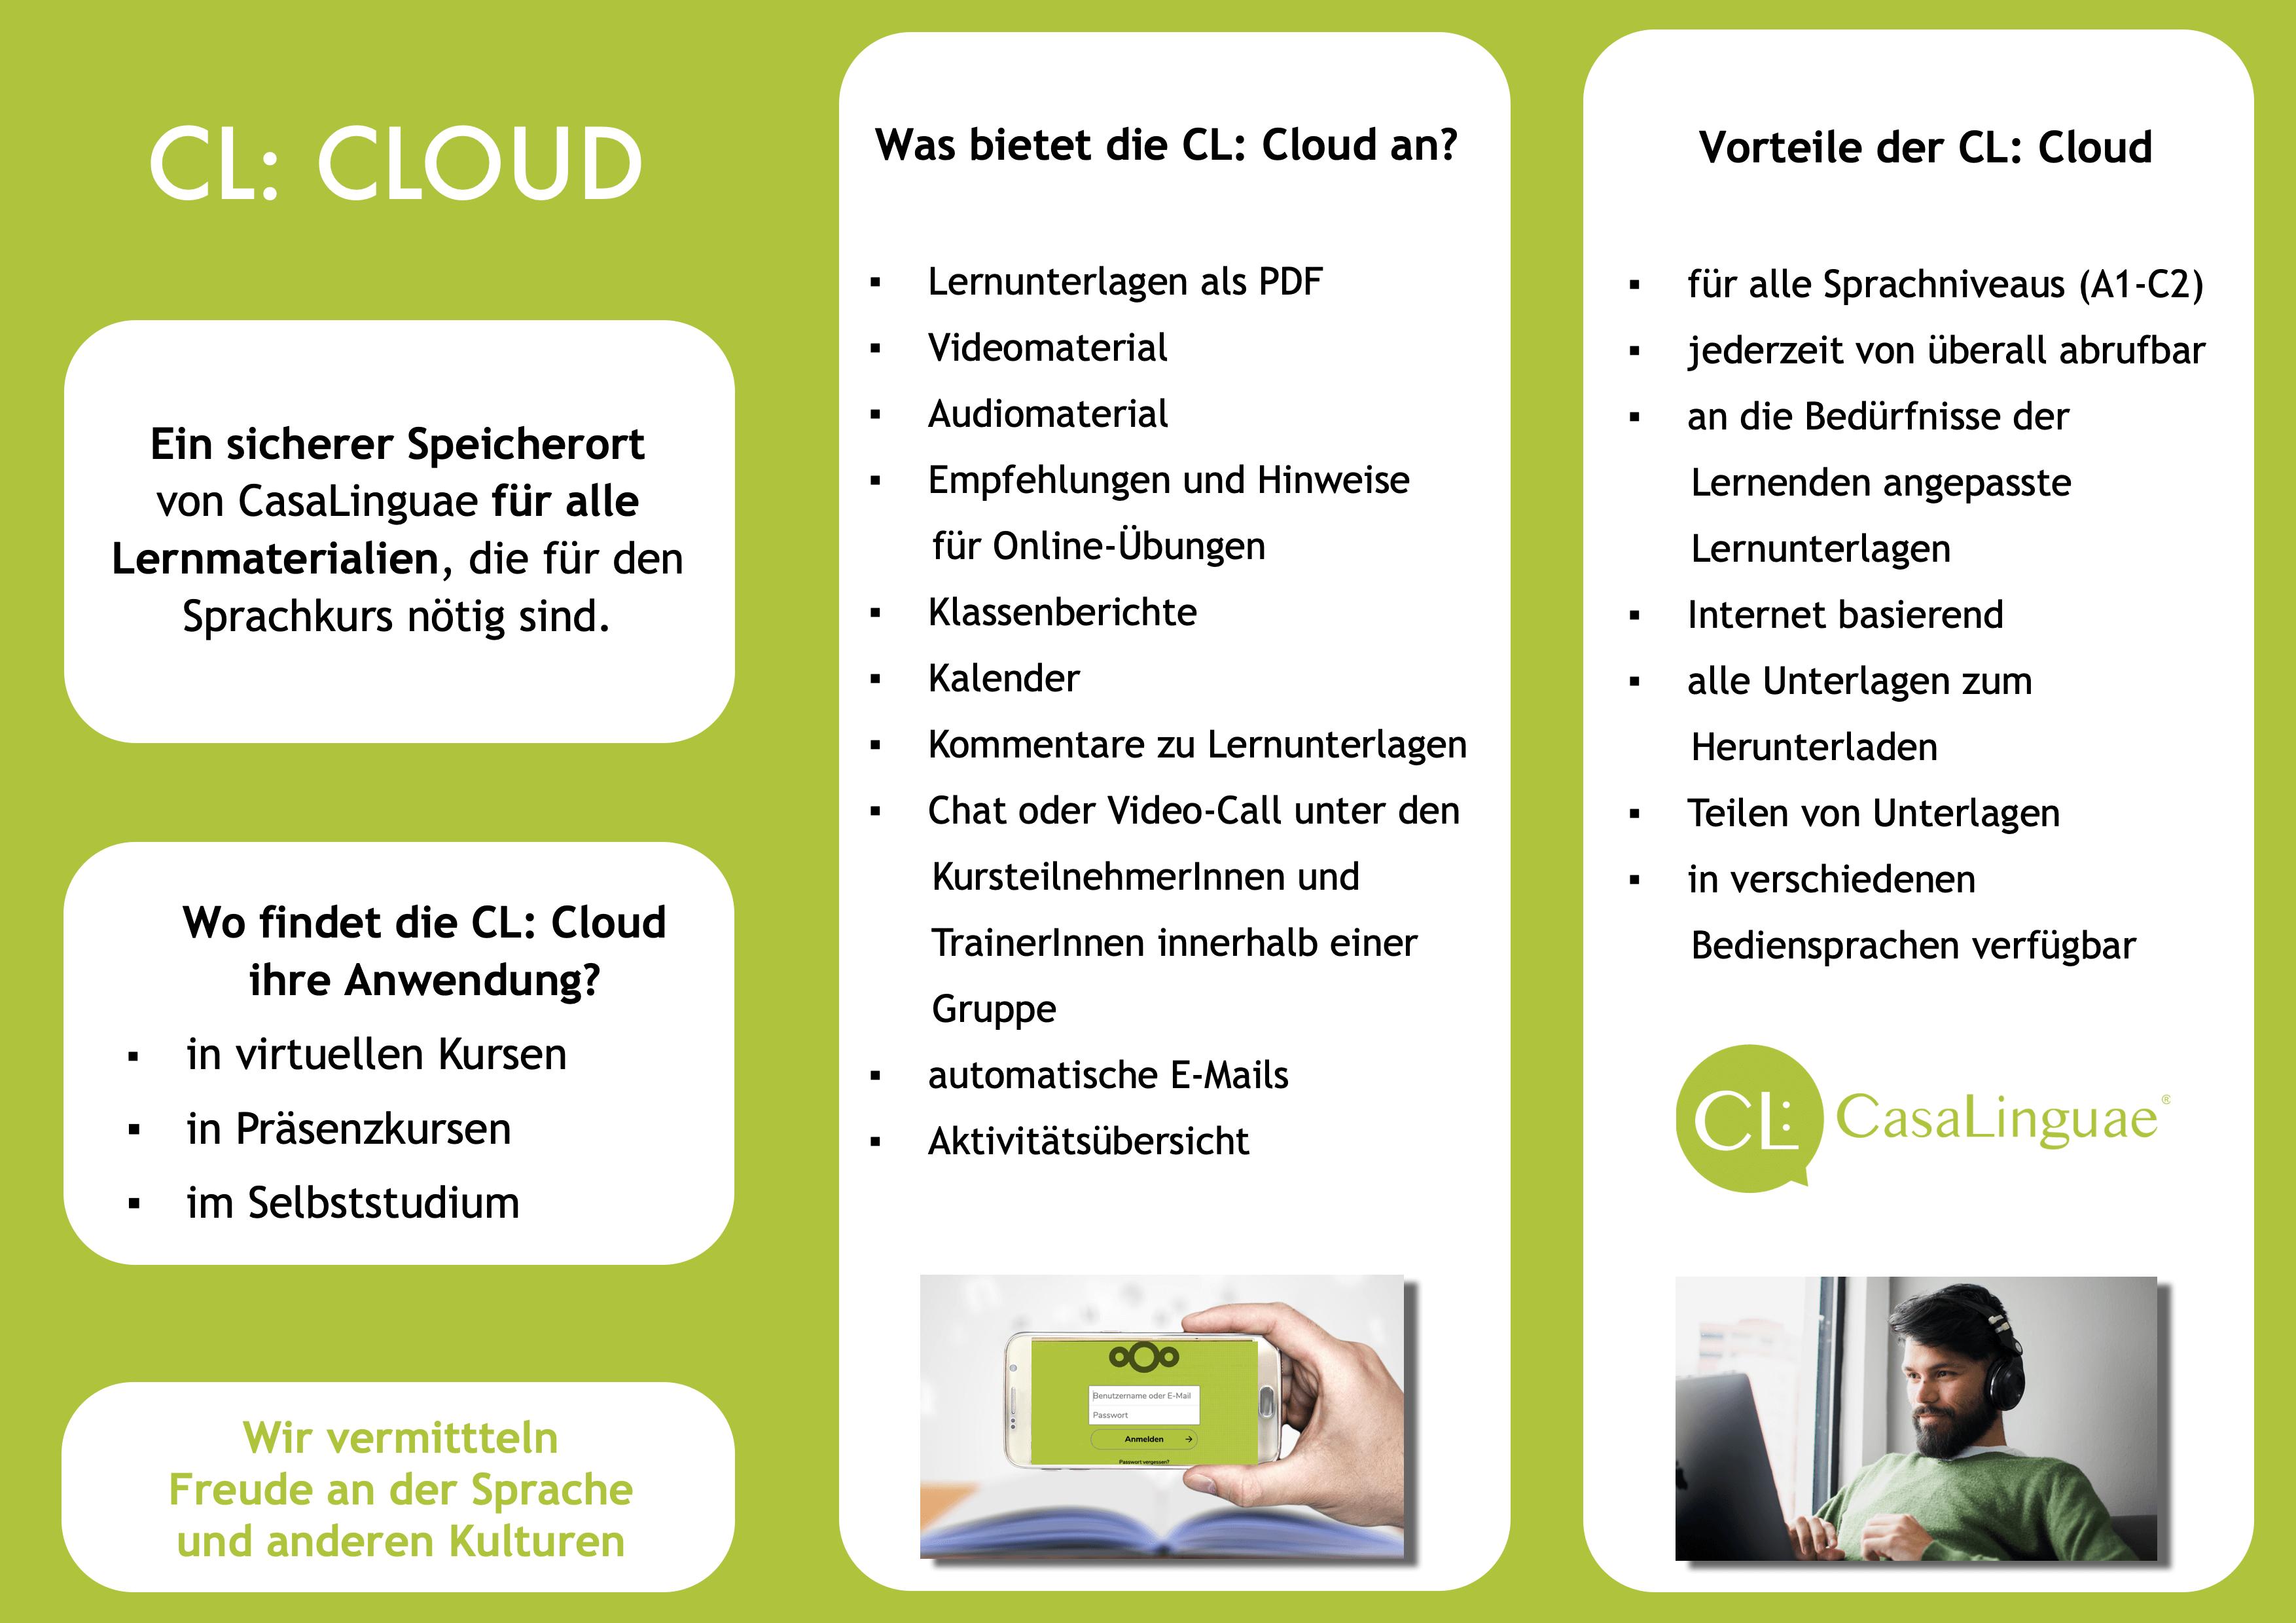 CL: Cloud Flyer